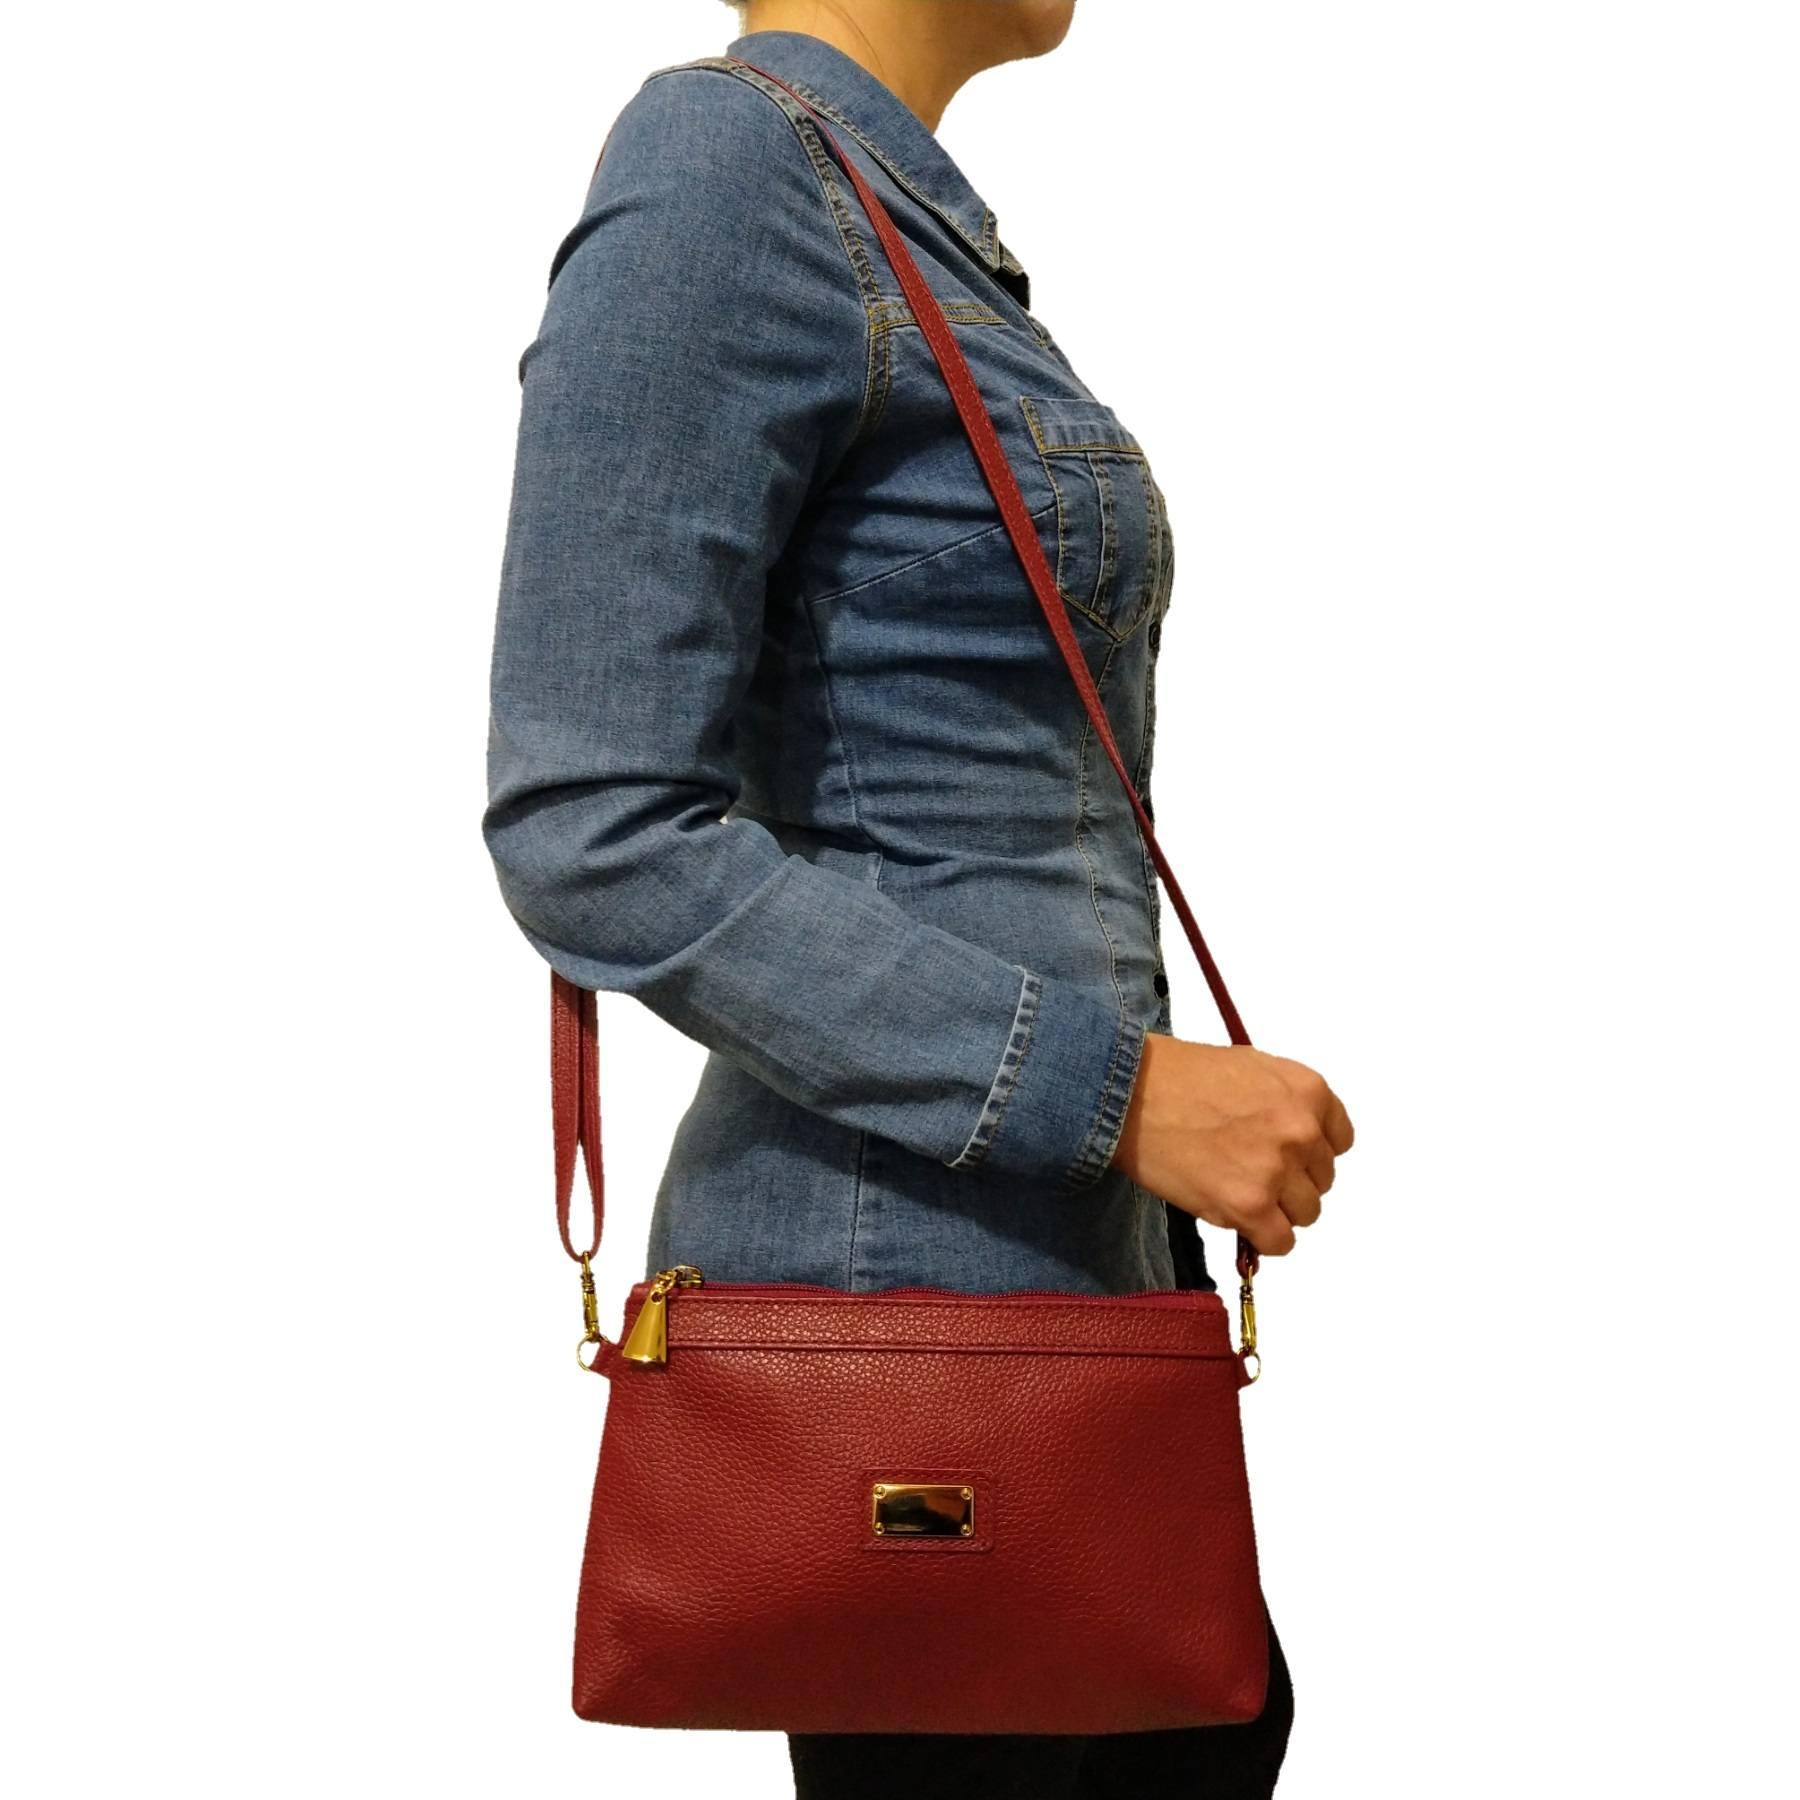 Bolsa Carteira Clutch TopGrife Transversal Couro Vermelho  - SAPATOWEB.COM